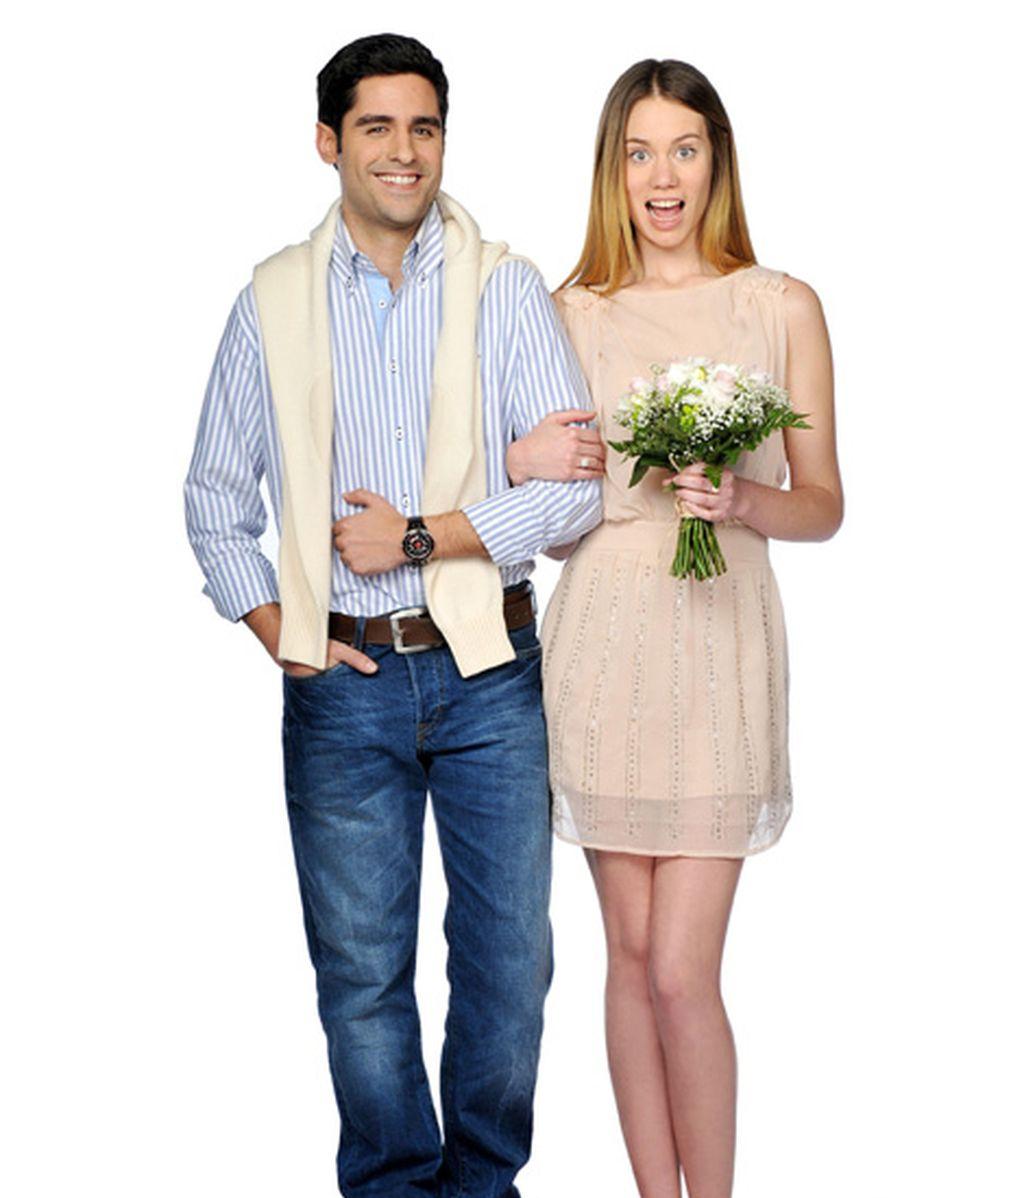 Miguel Diosdado y Arancha Martí son Rodrigo e Irene